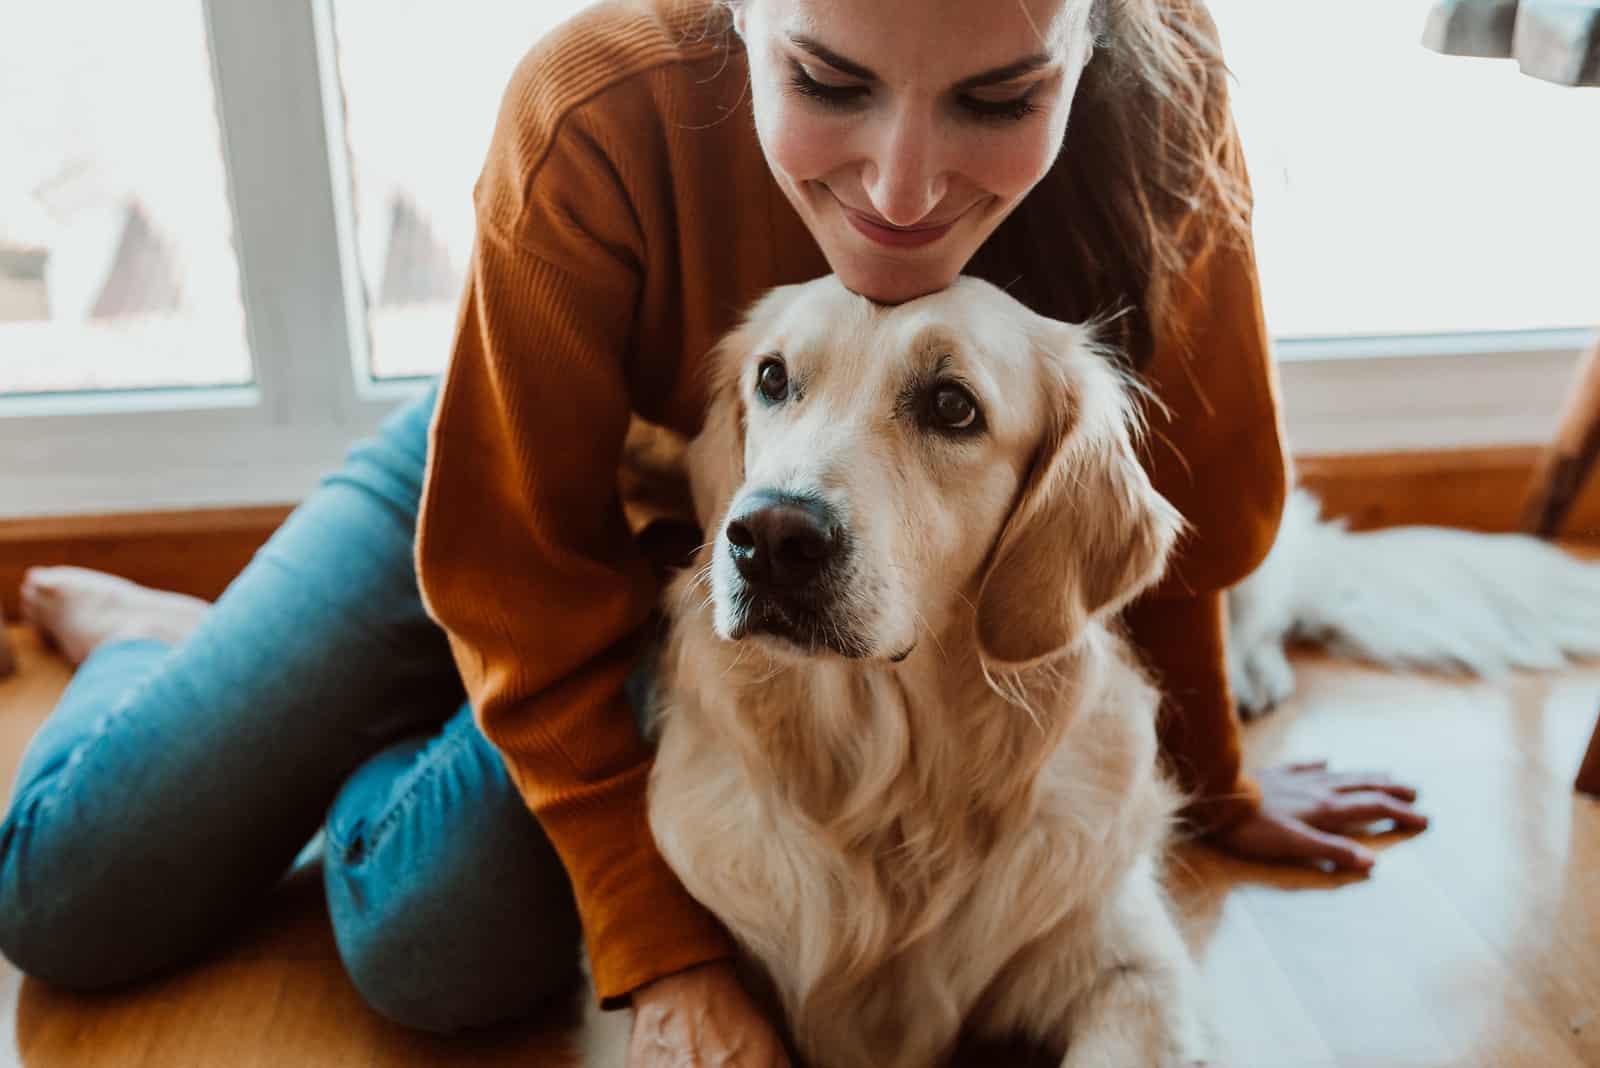 hübsche junge Frau, die ihren entzückenden goldenen retriver Hund kümmert und streichelt